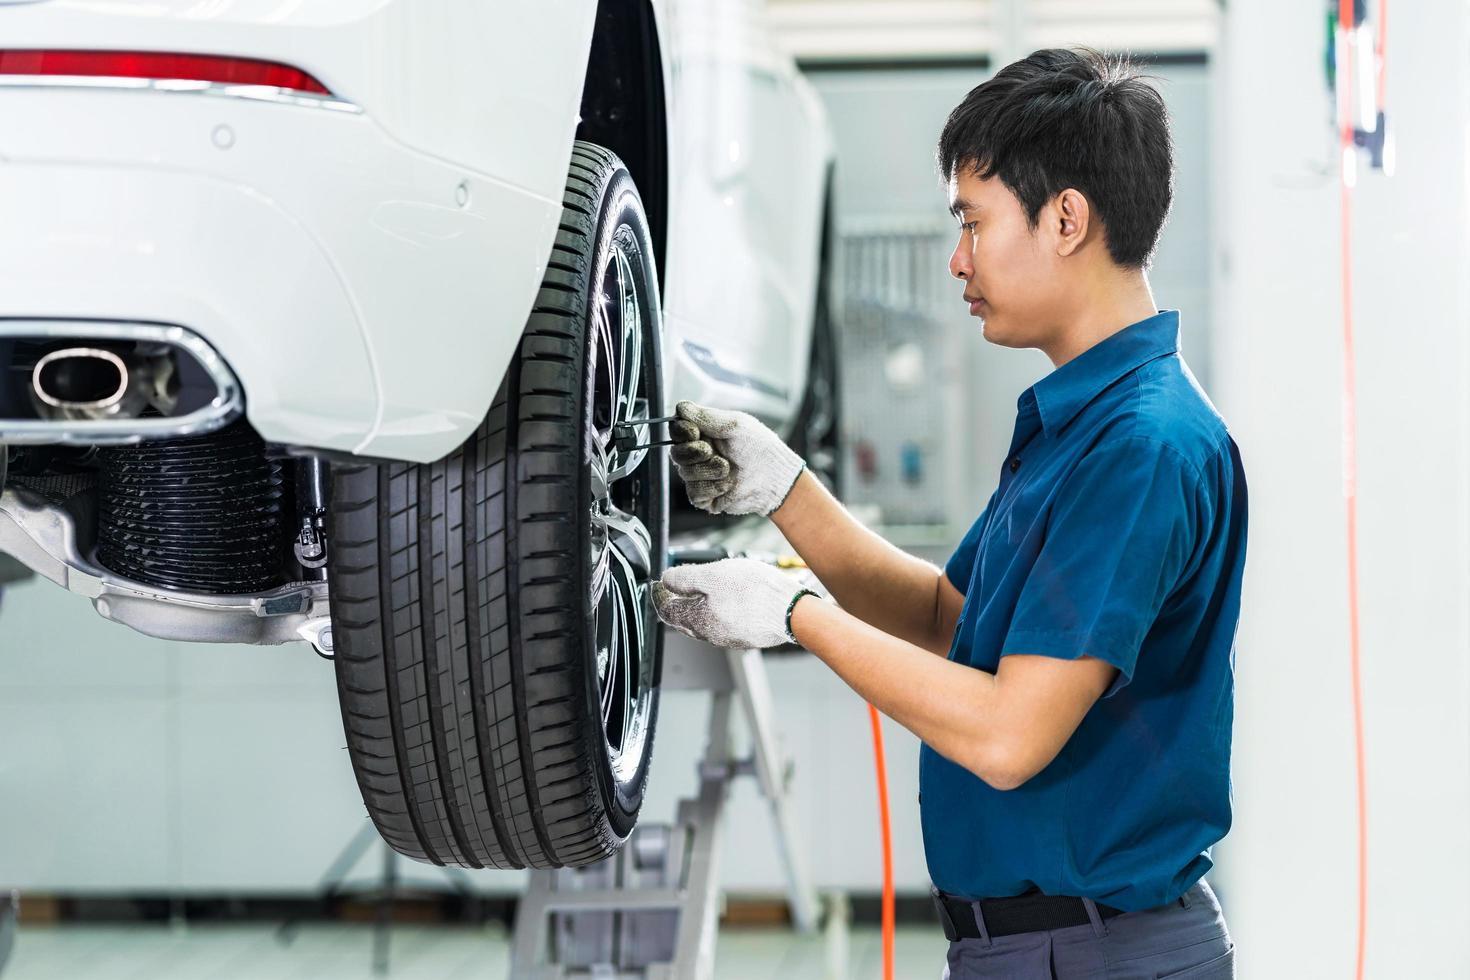 mécanicien asiatique vérifiant les roues de voiture photo